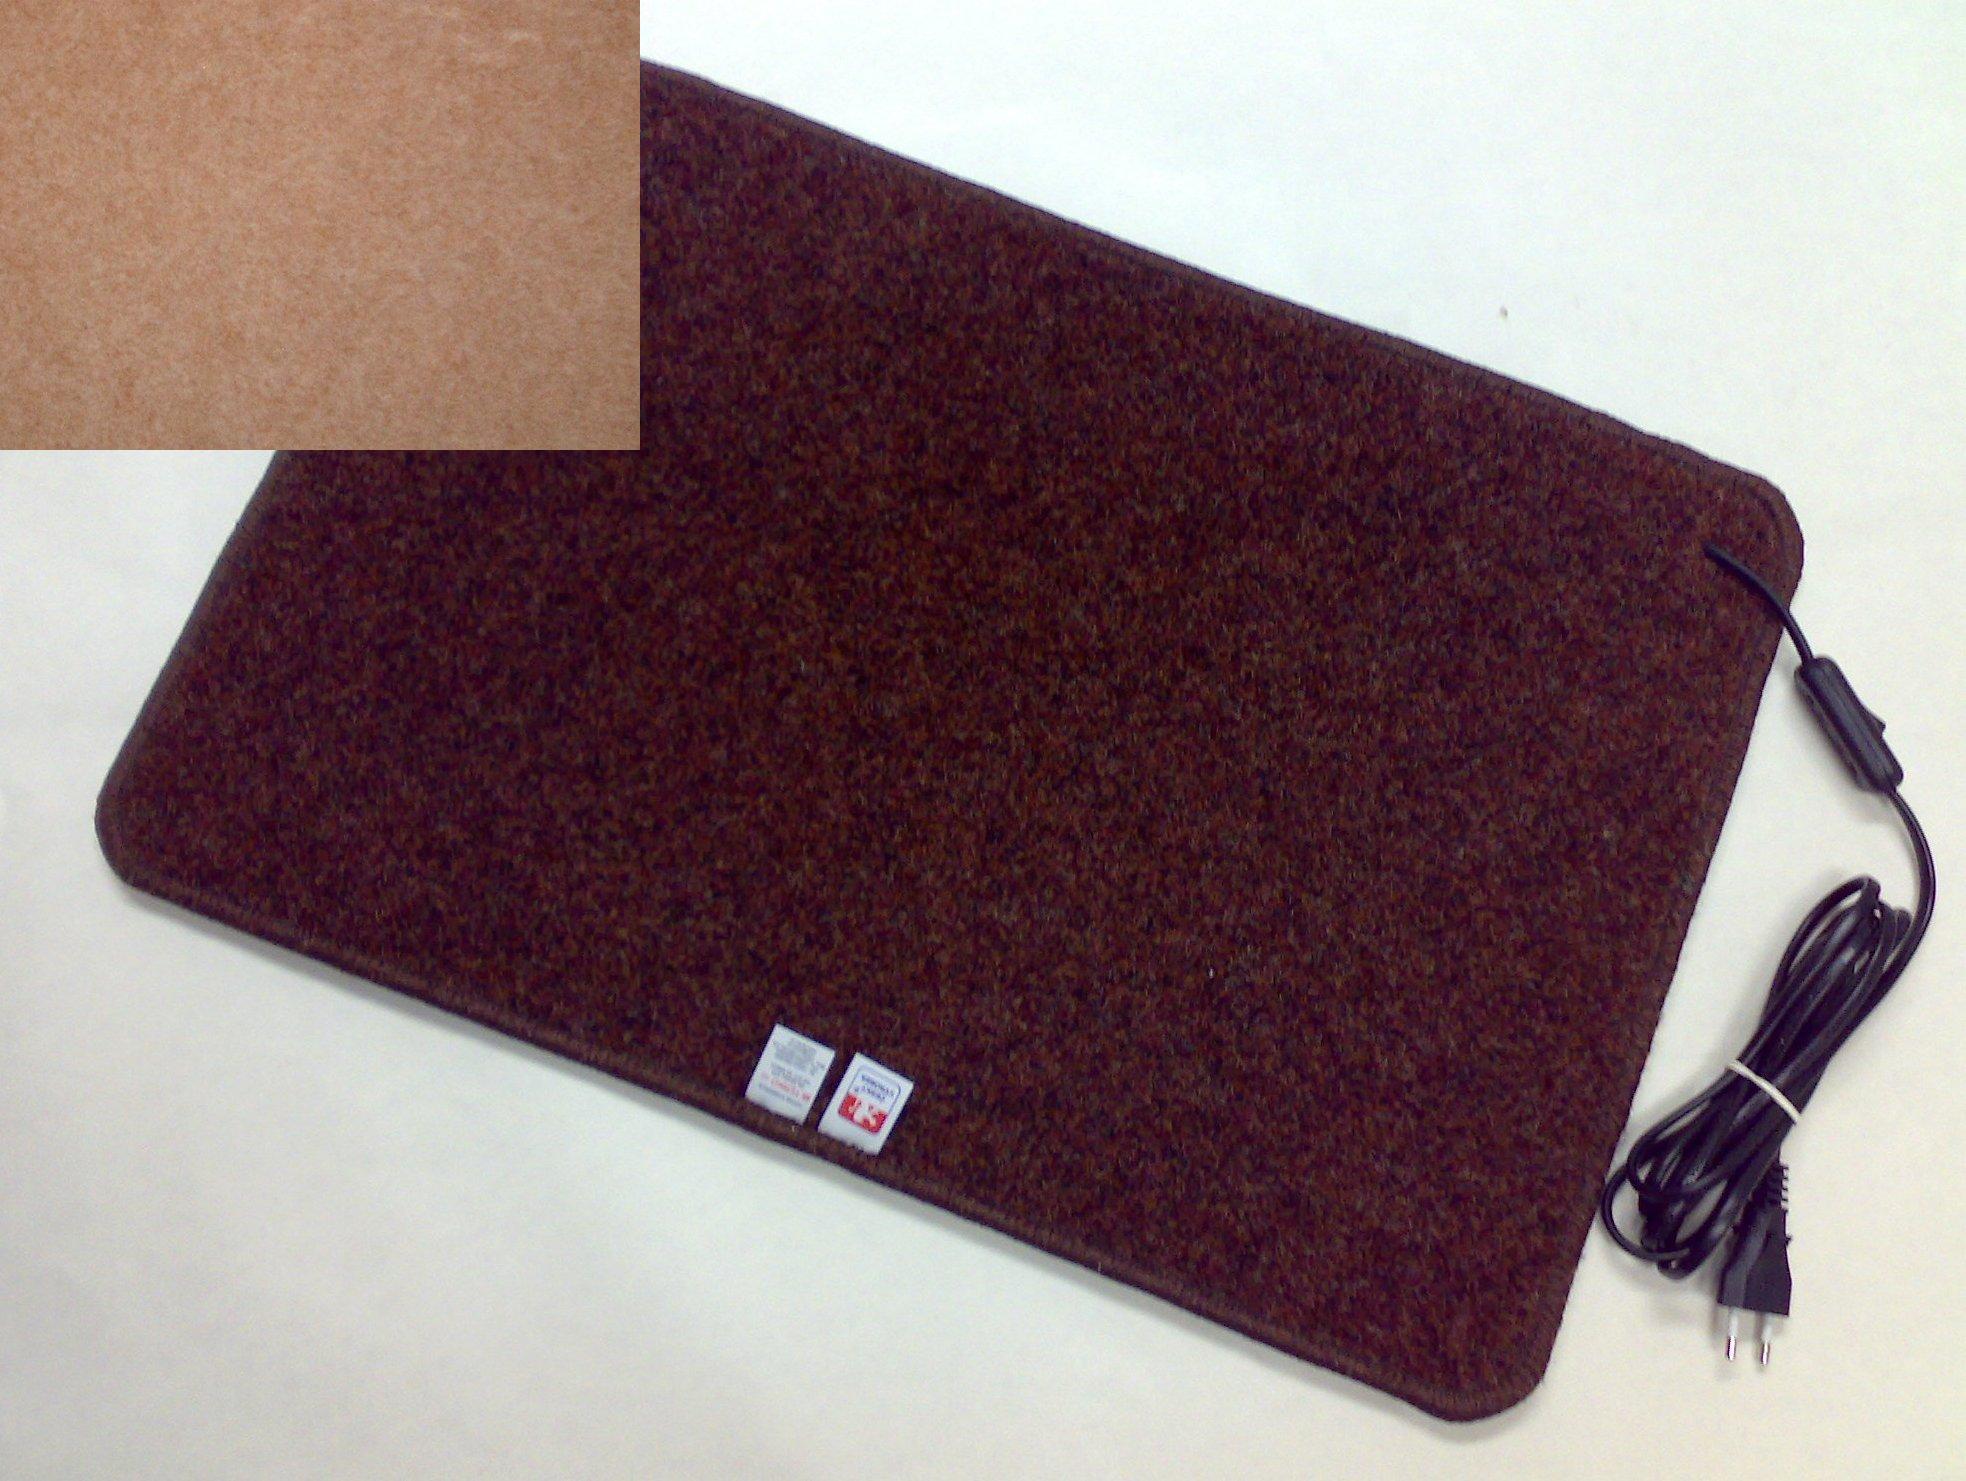 Topný koberec 30 x 40cm / 20W Barva: Béžový S70